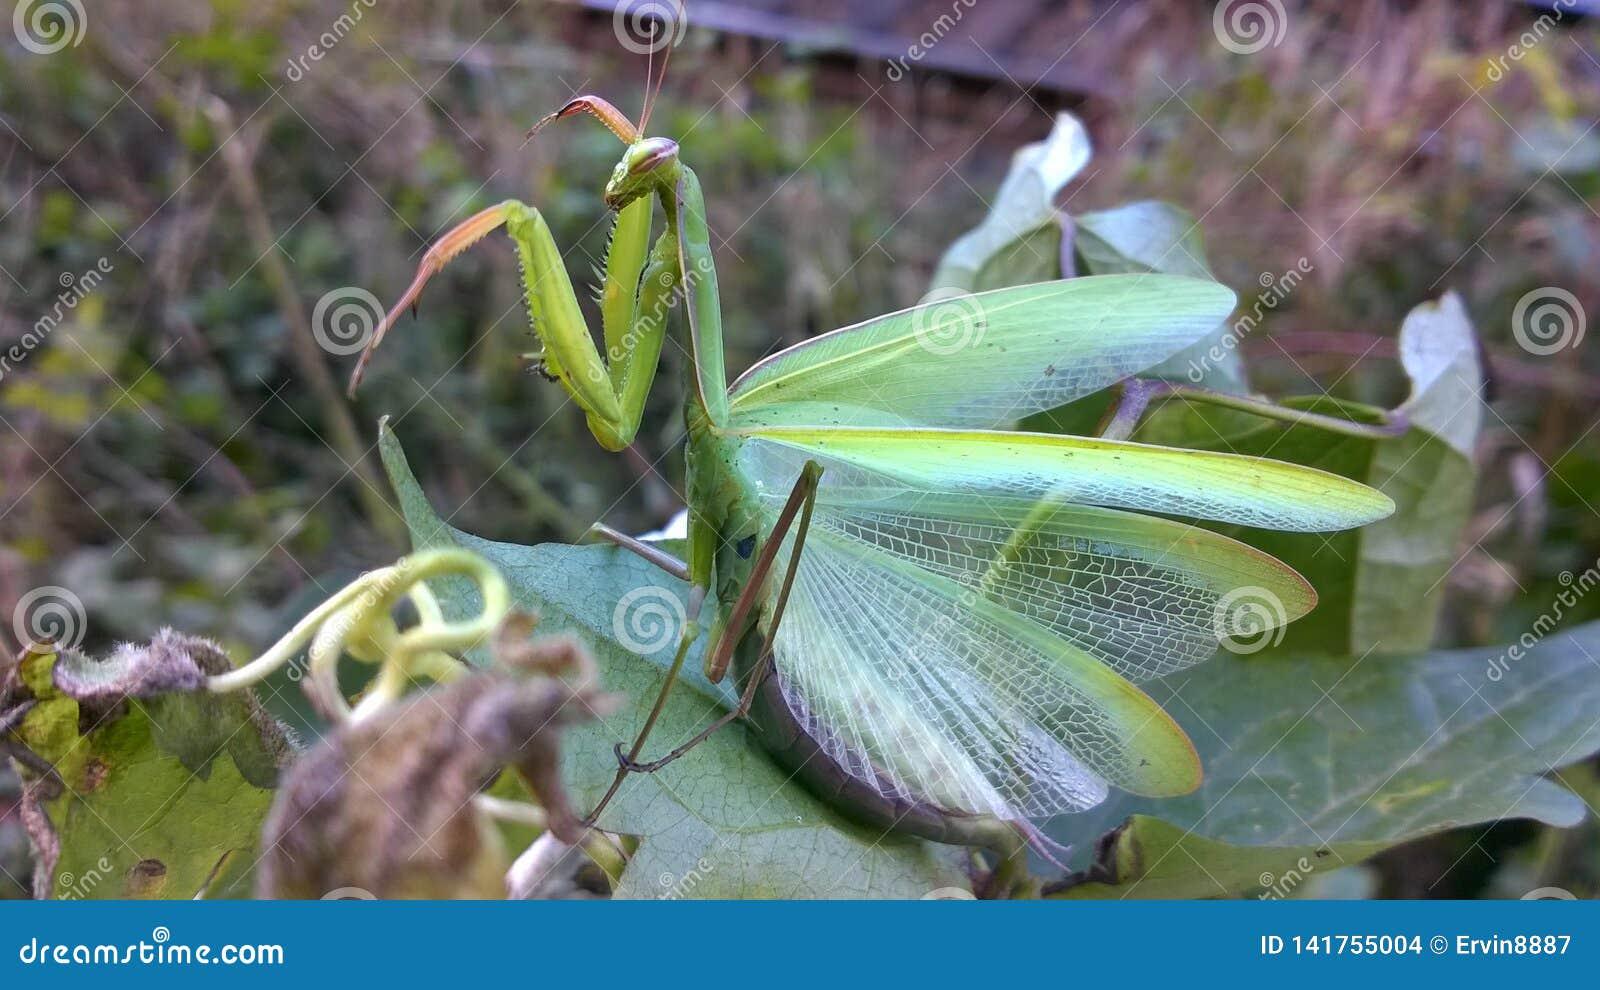 Green praying mantis. Nice insect